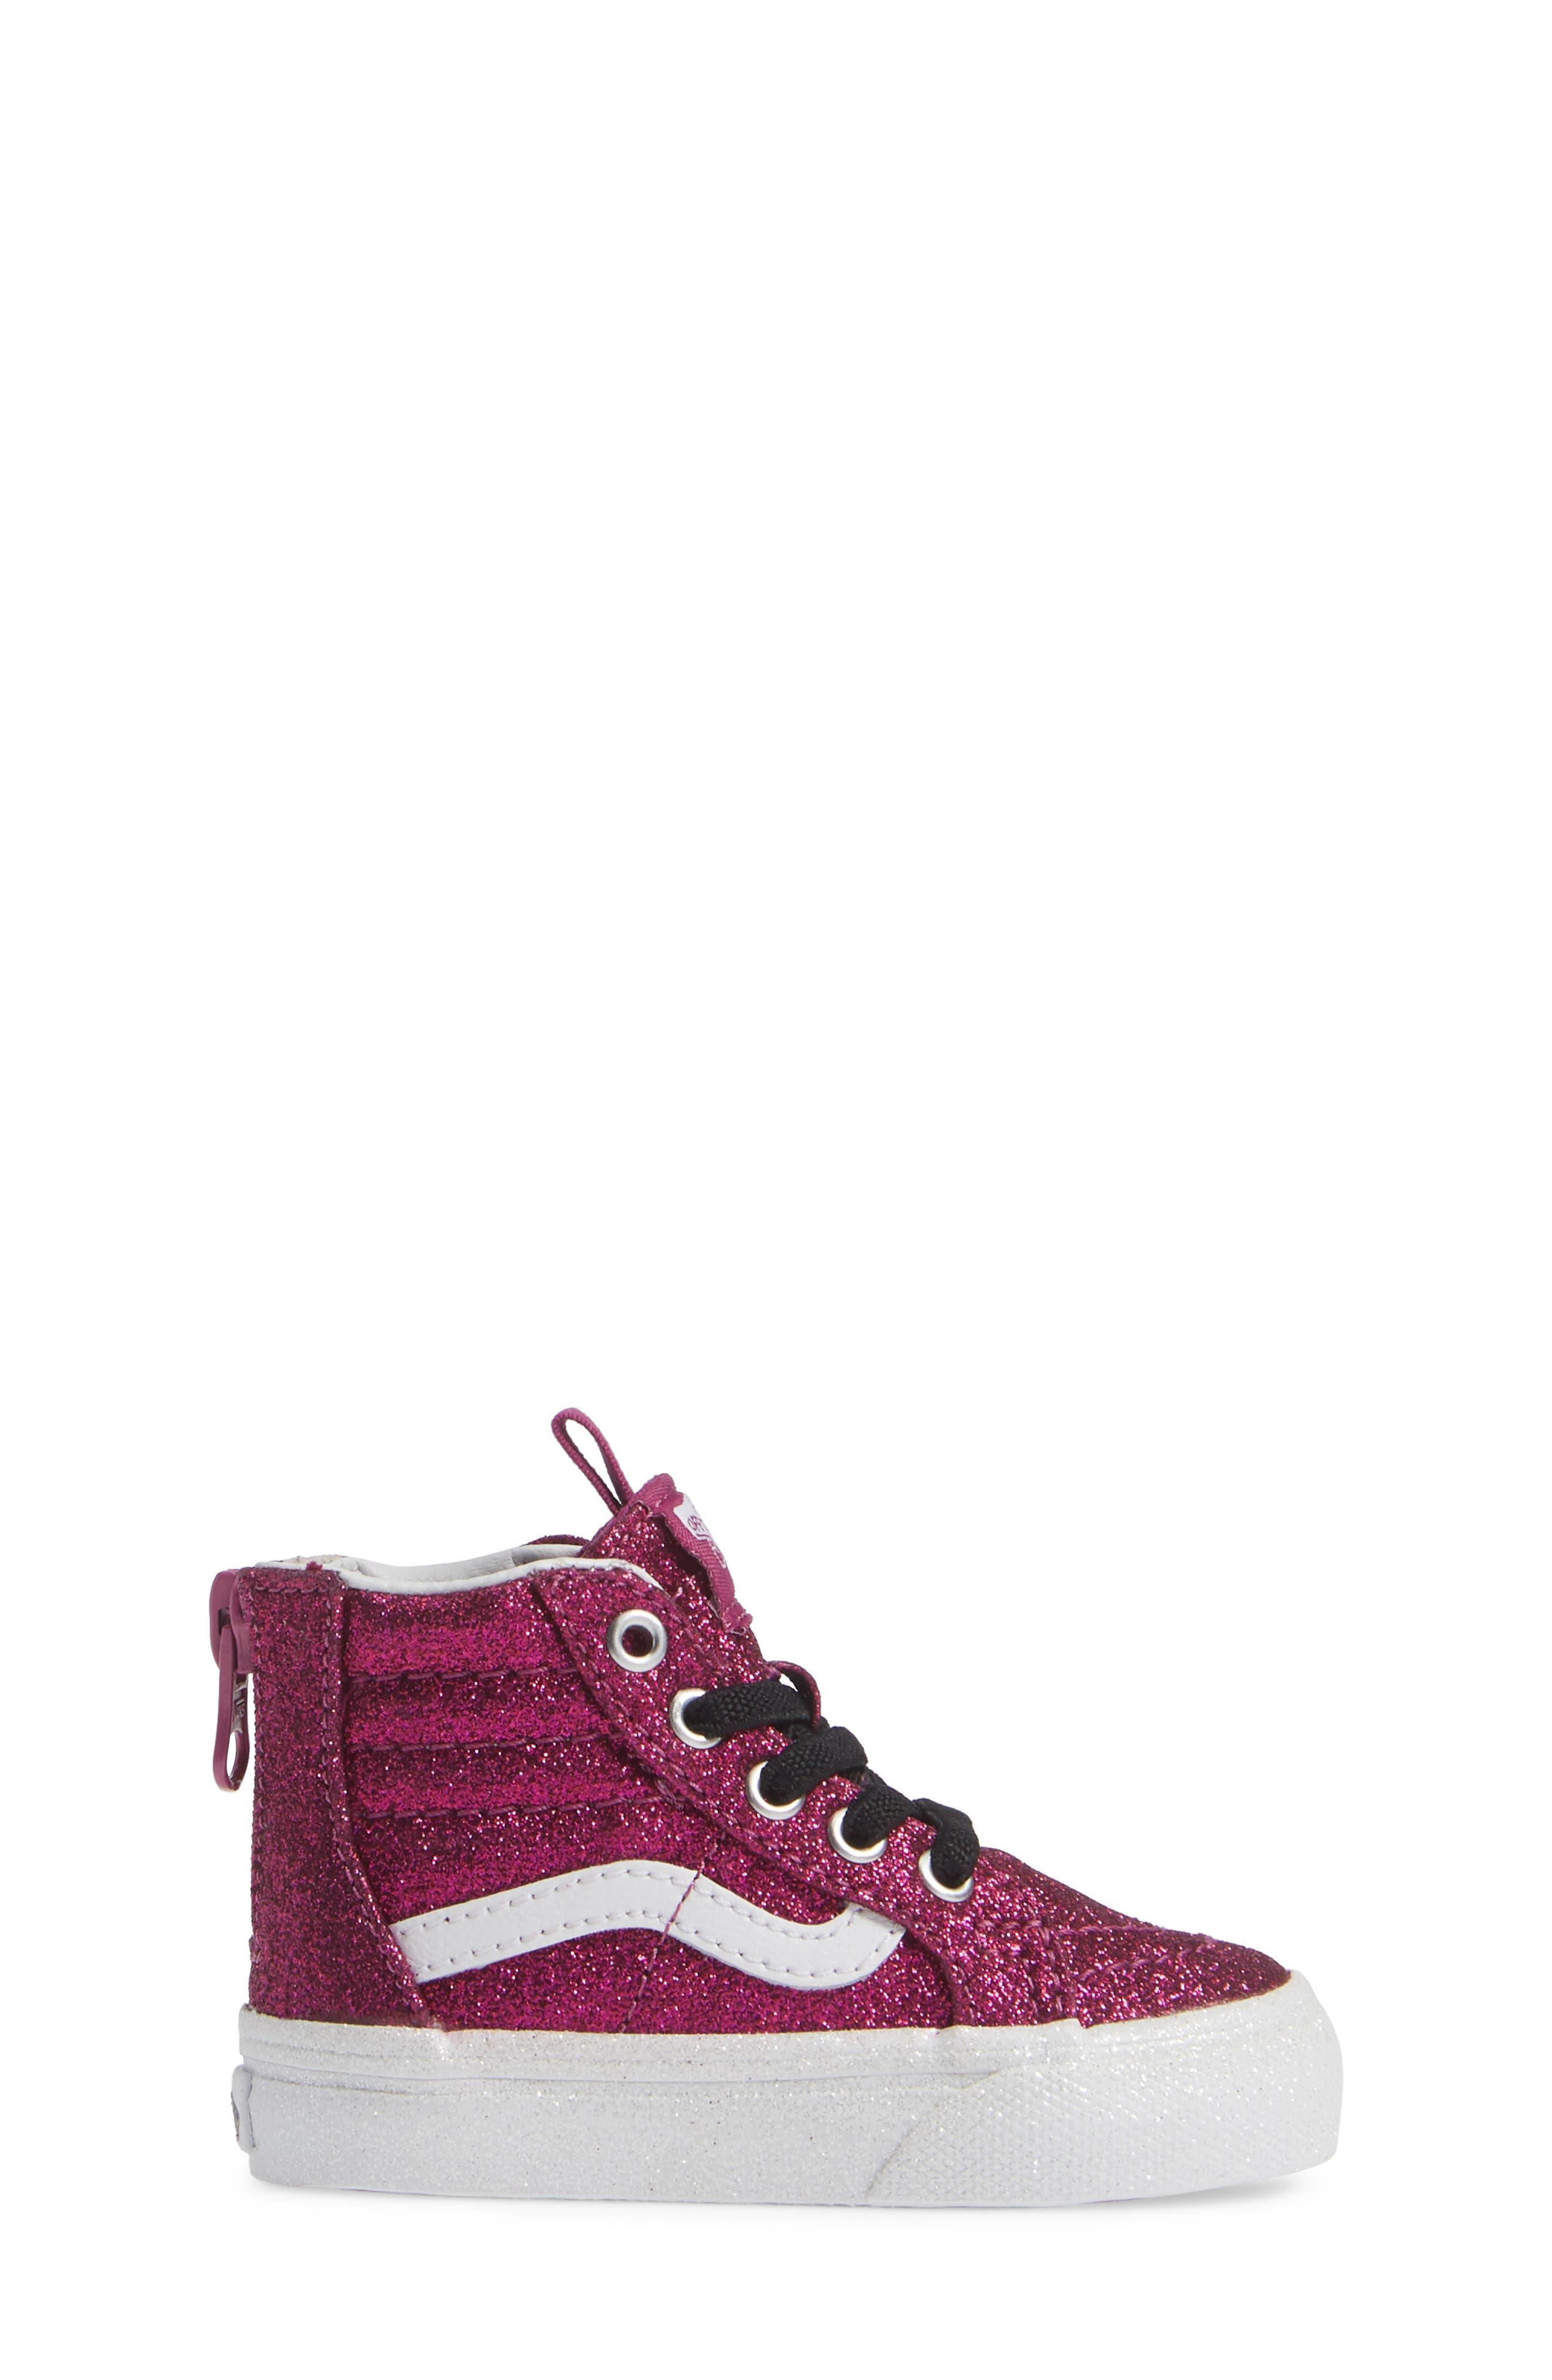 SK8-Hi Zip Sneaker,                             Alternate thumbnail 3, color,                             WILD ASTER/ TRUE WHITE